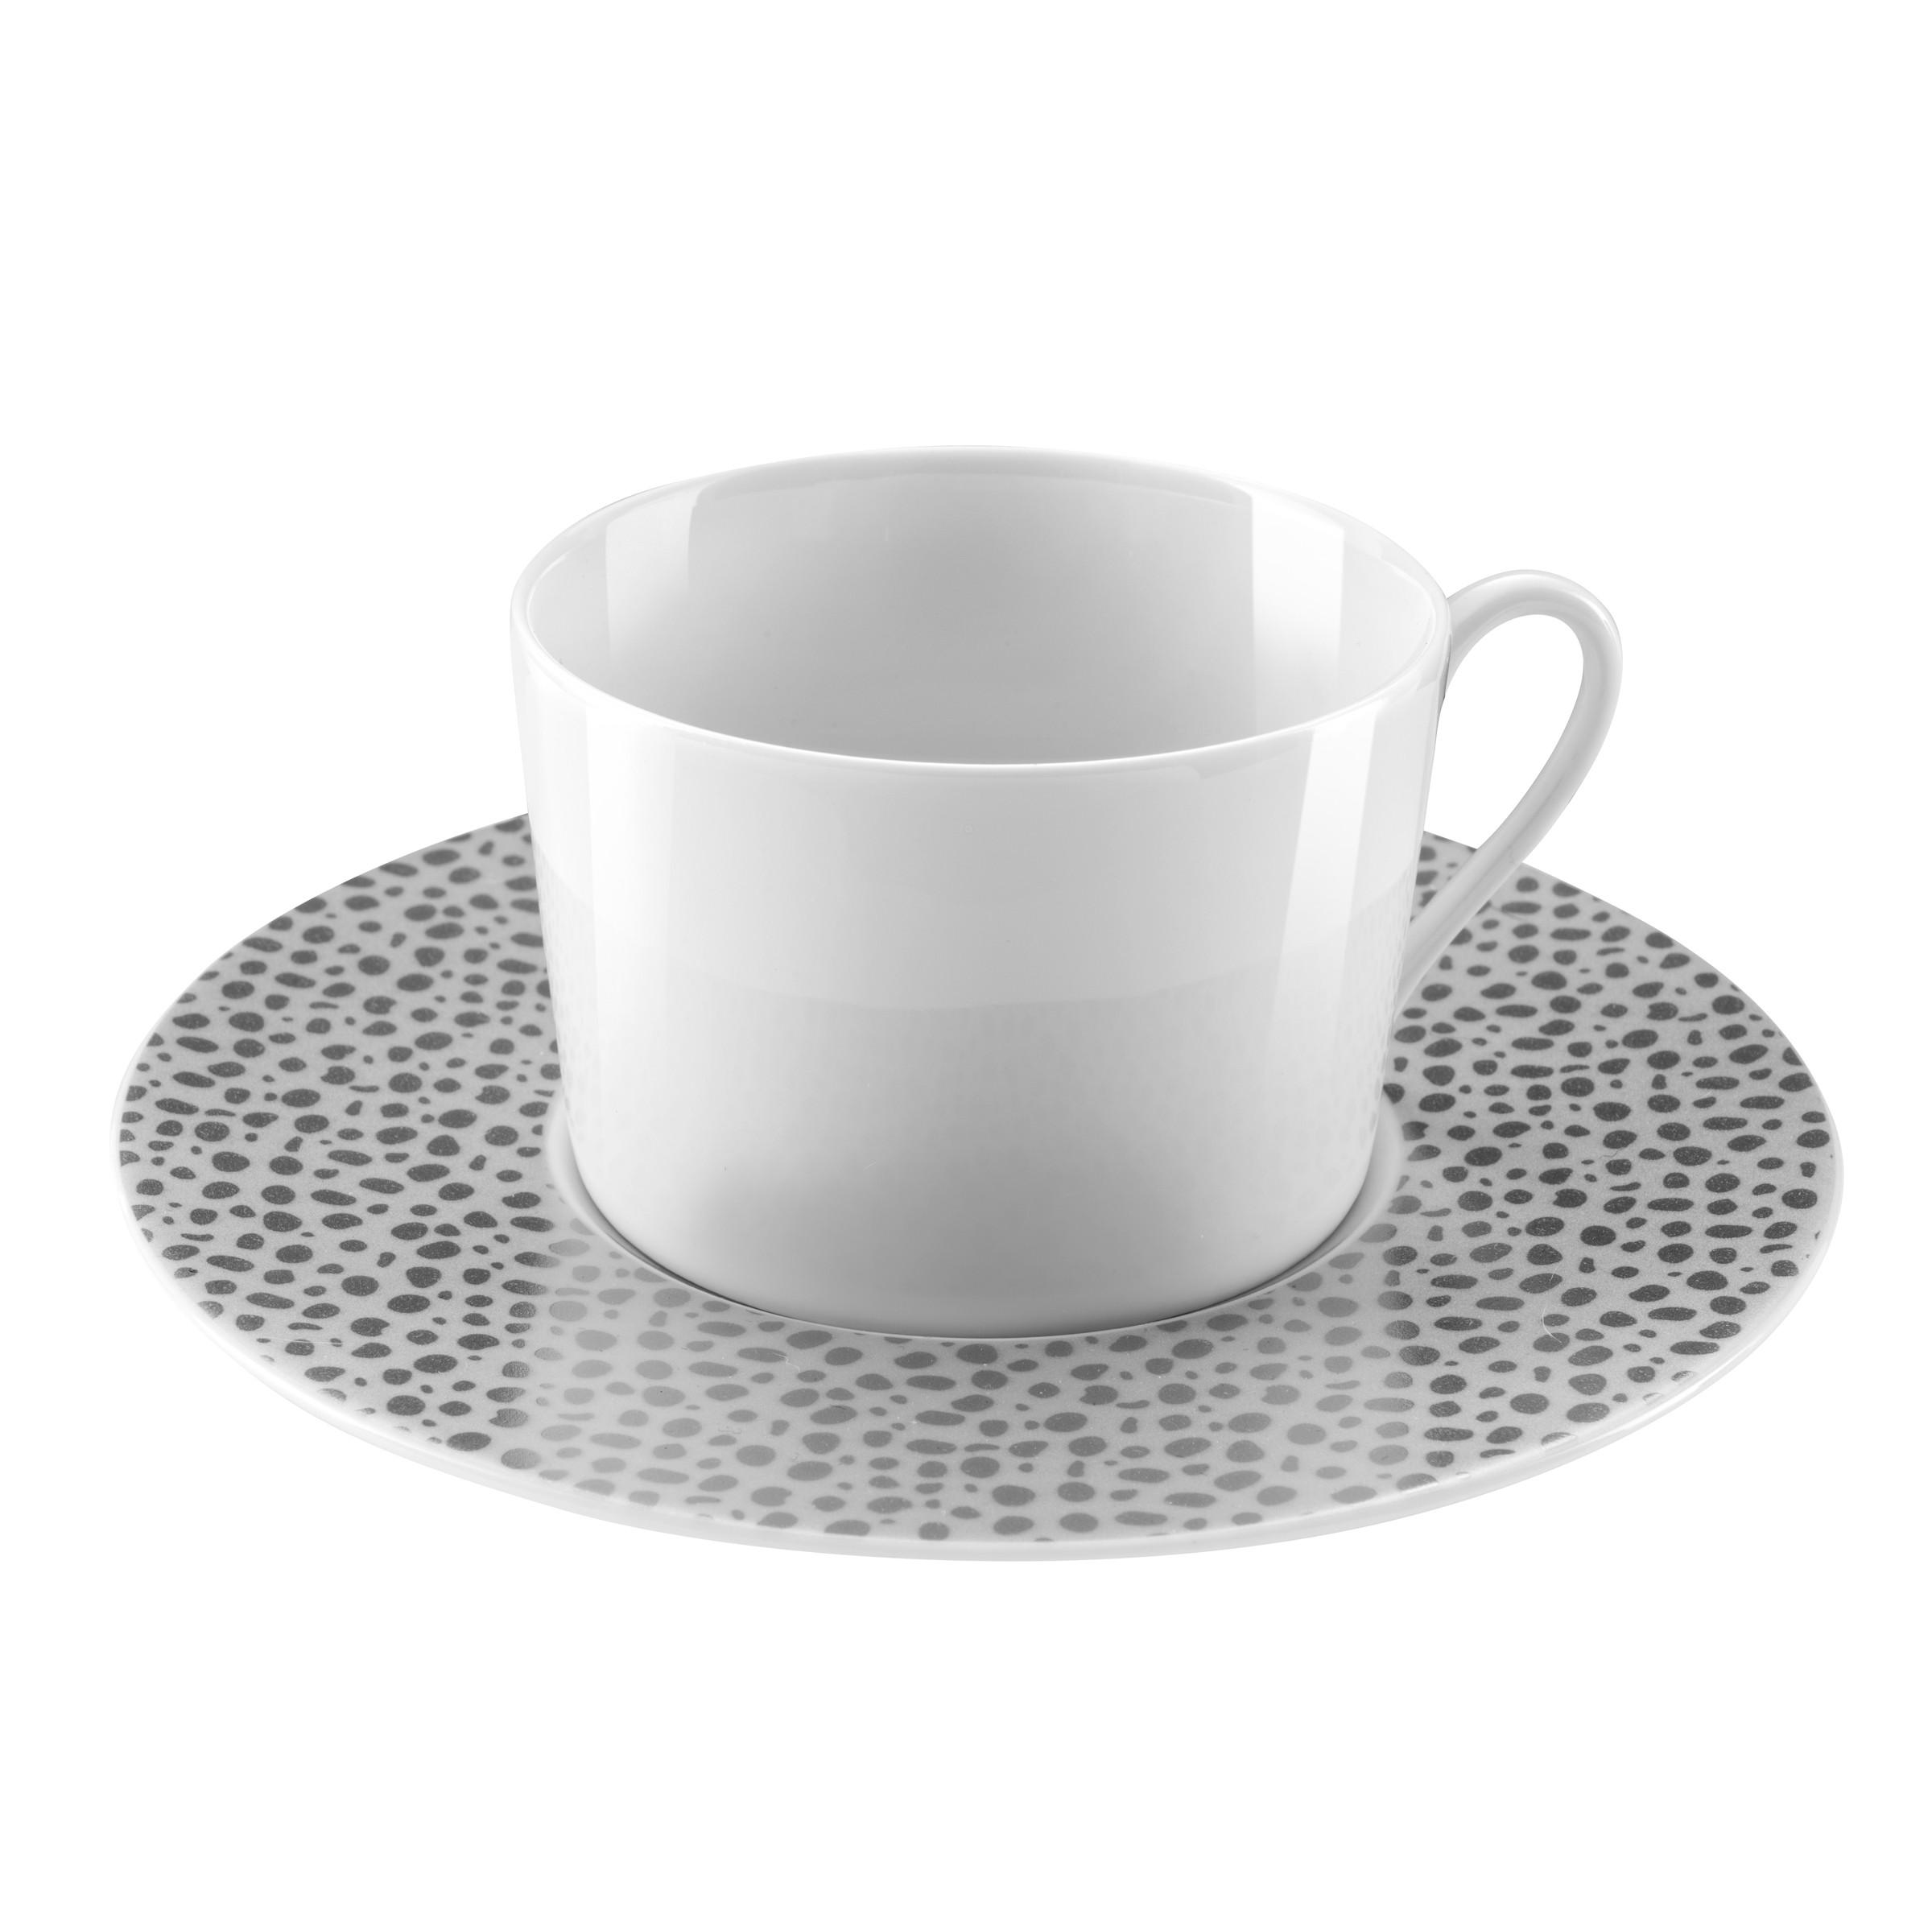 Tasse et soucoupe thé - Lot de 6